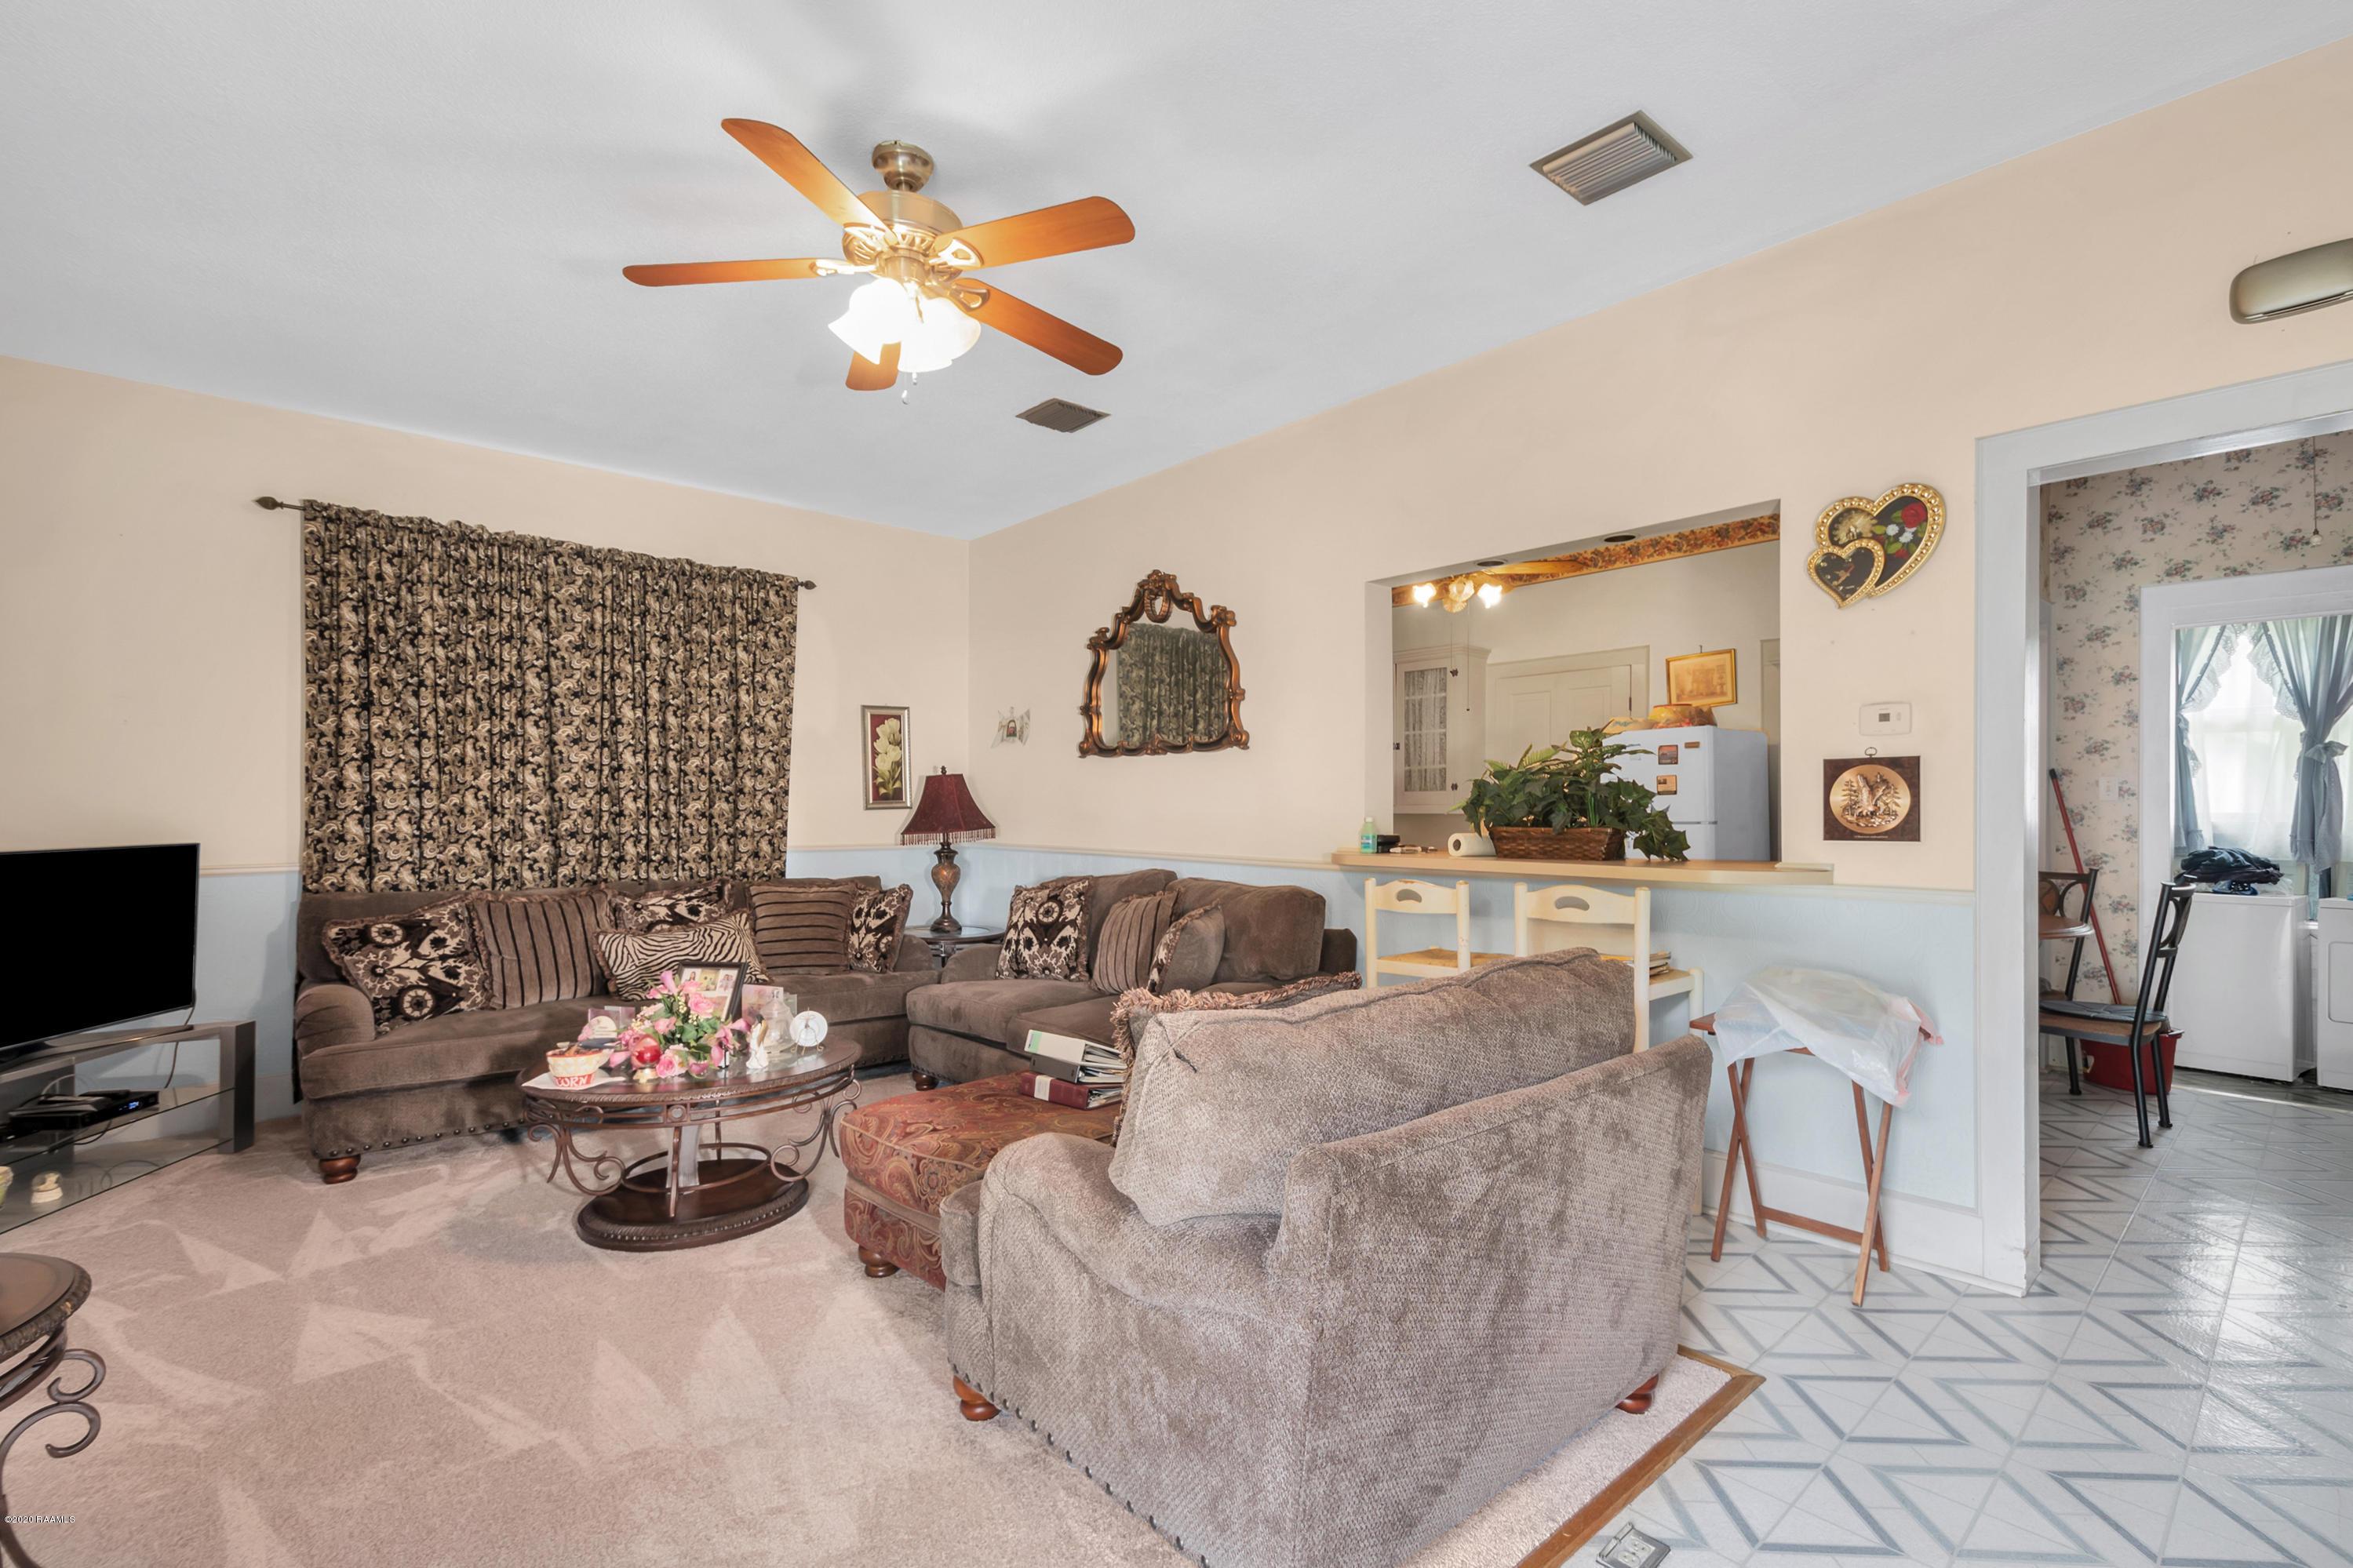 508 Ibert Street, Franklin, LA 70538 Photo #5